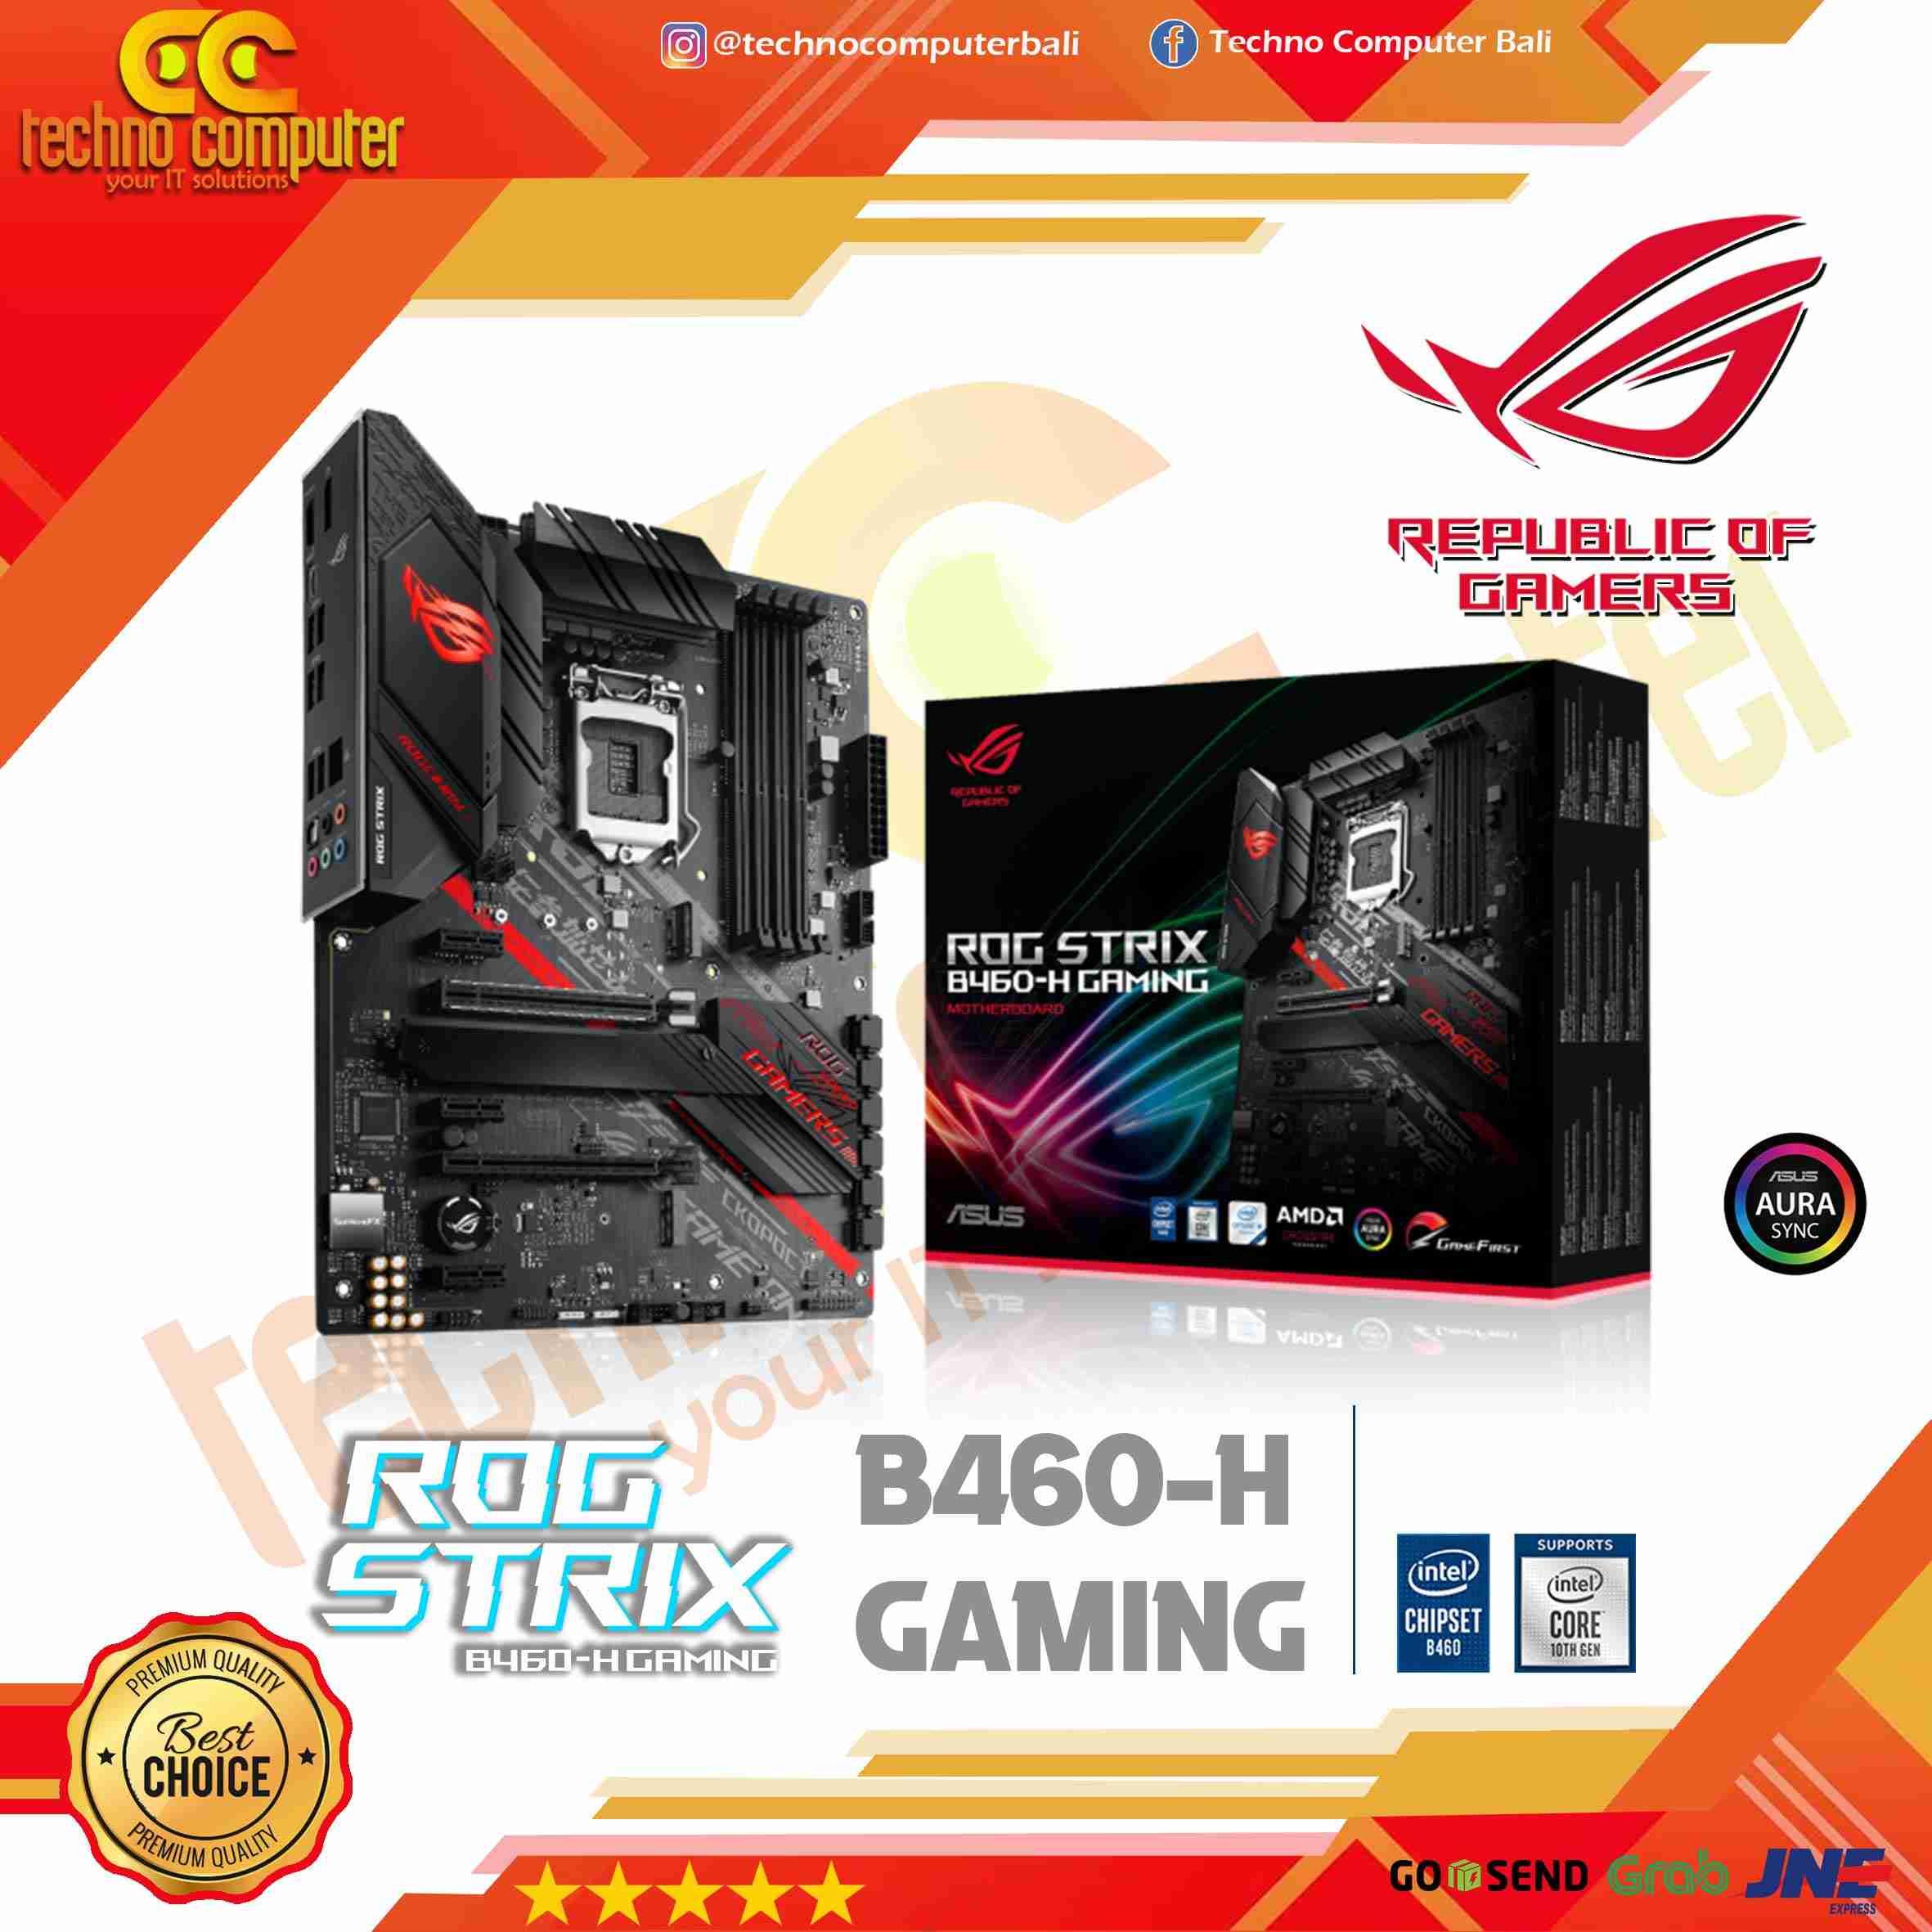 ASUS ROG STRIX B460-H Gaming (LGA1200, B460, DDR4, USB3.2, SATA3)